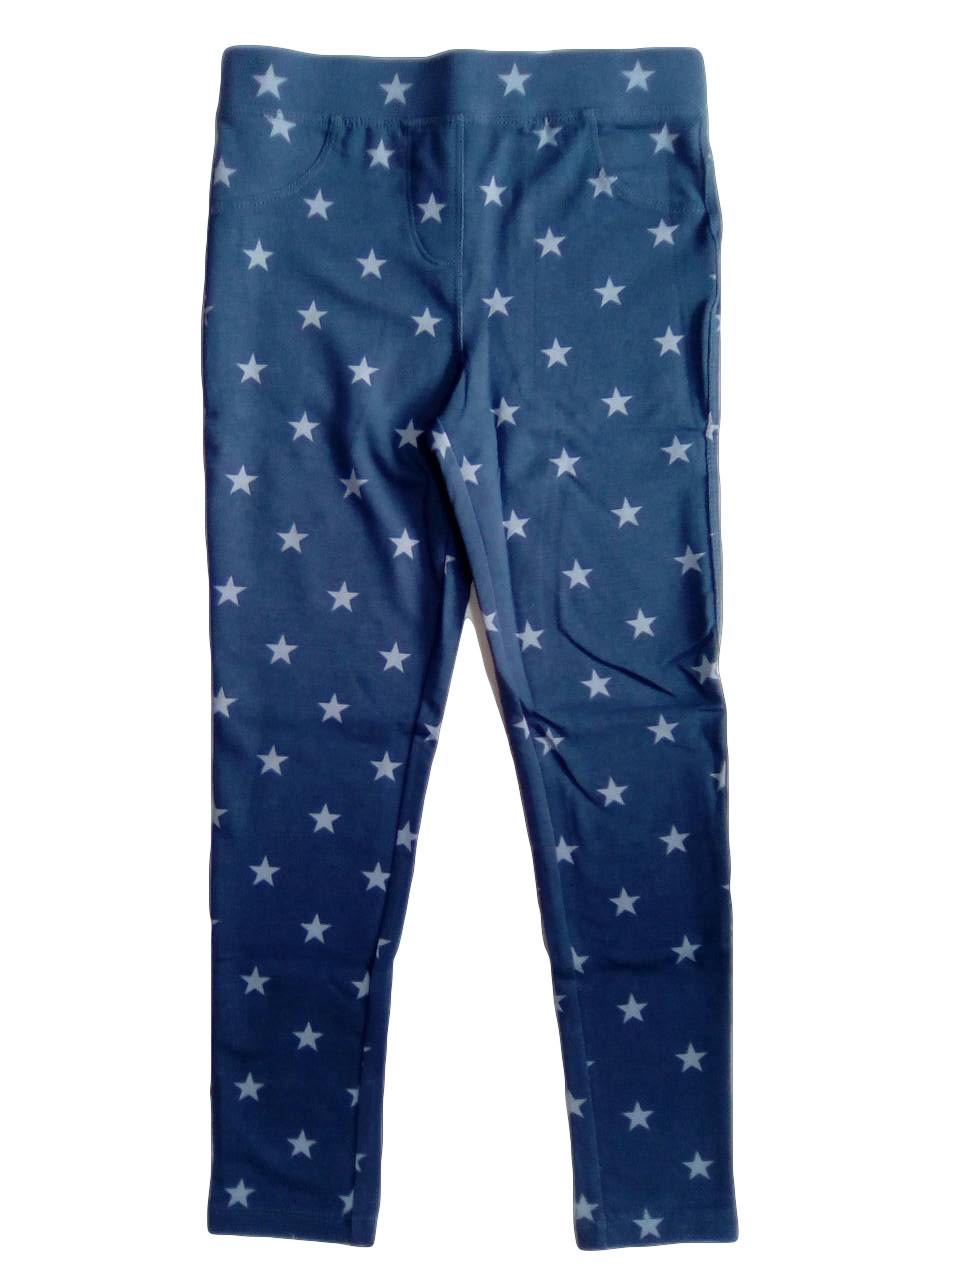 Лосины для девочек, под джинс, размер 146/152, Pepperts, арт. Л-627